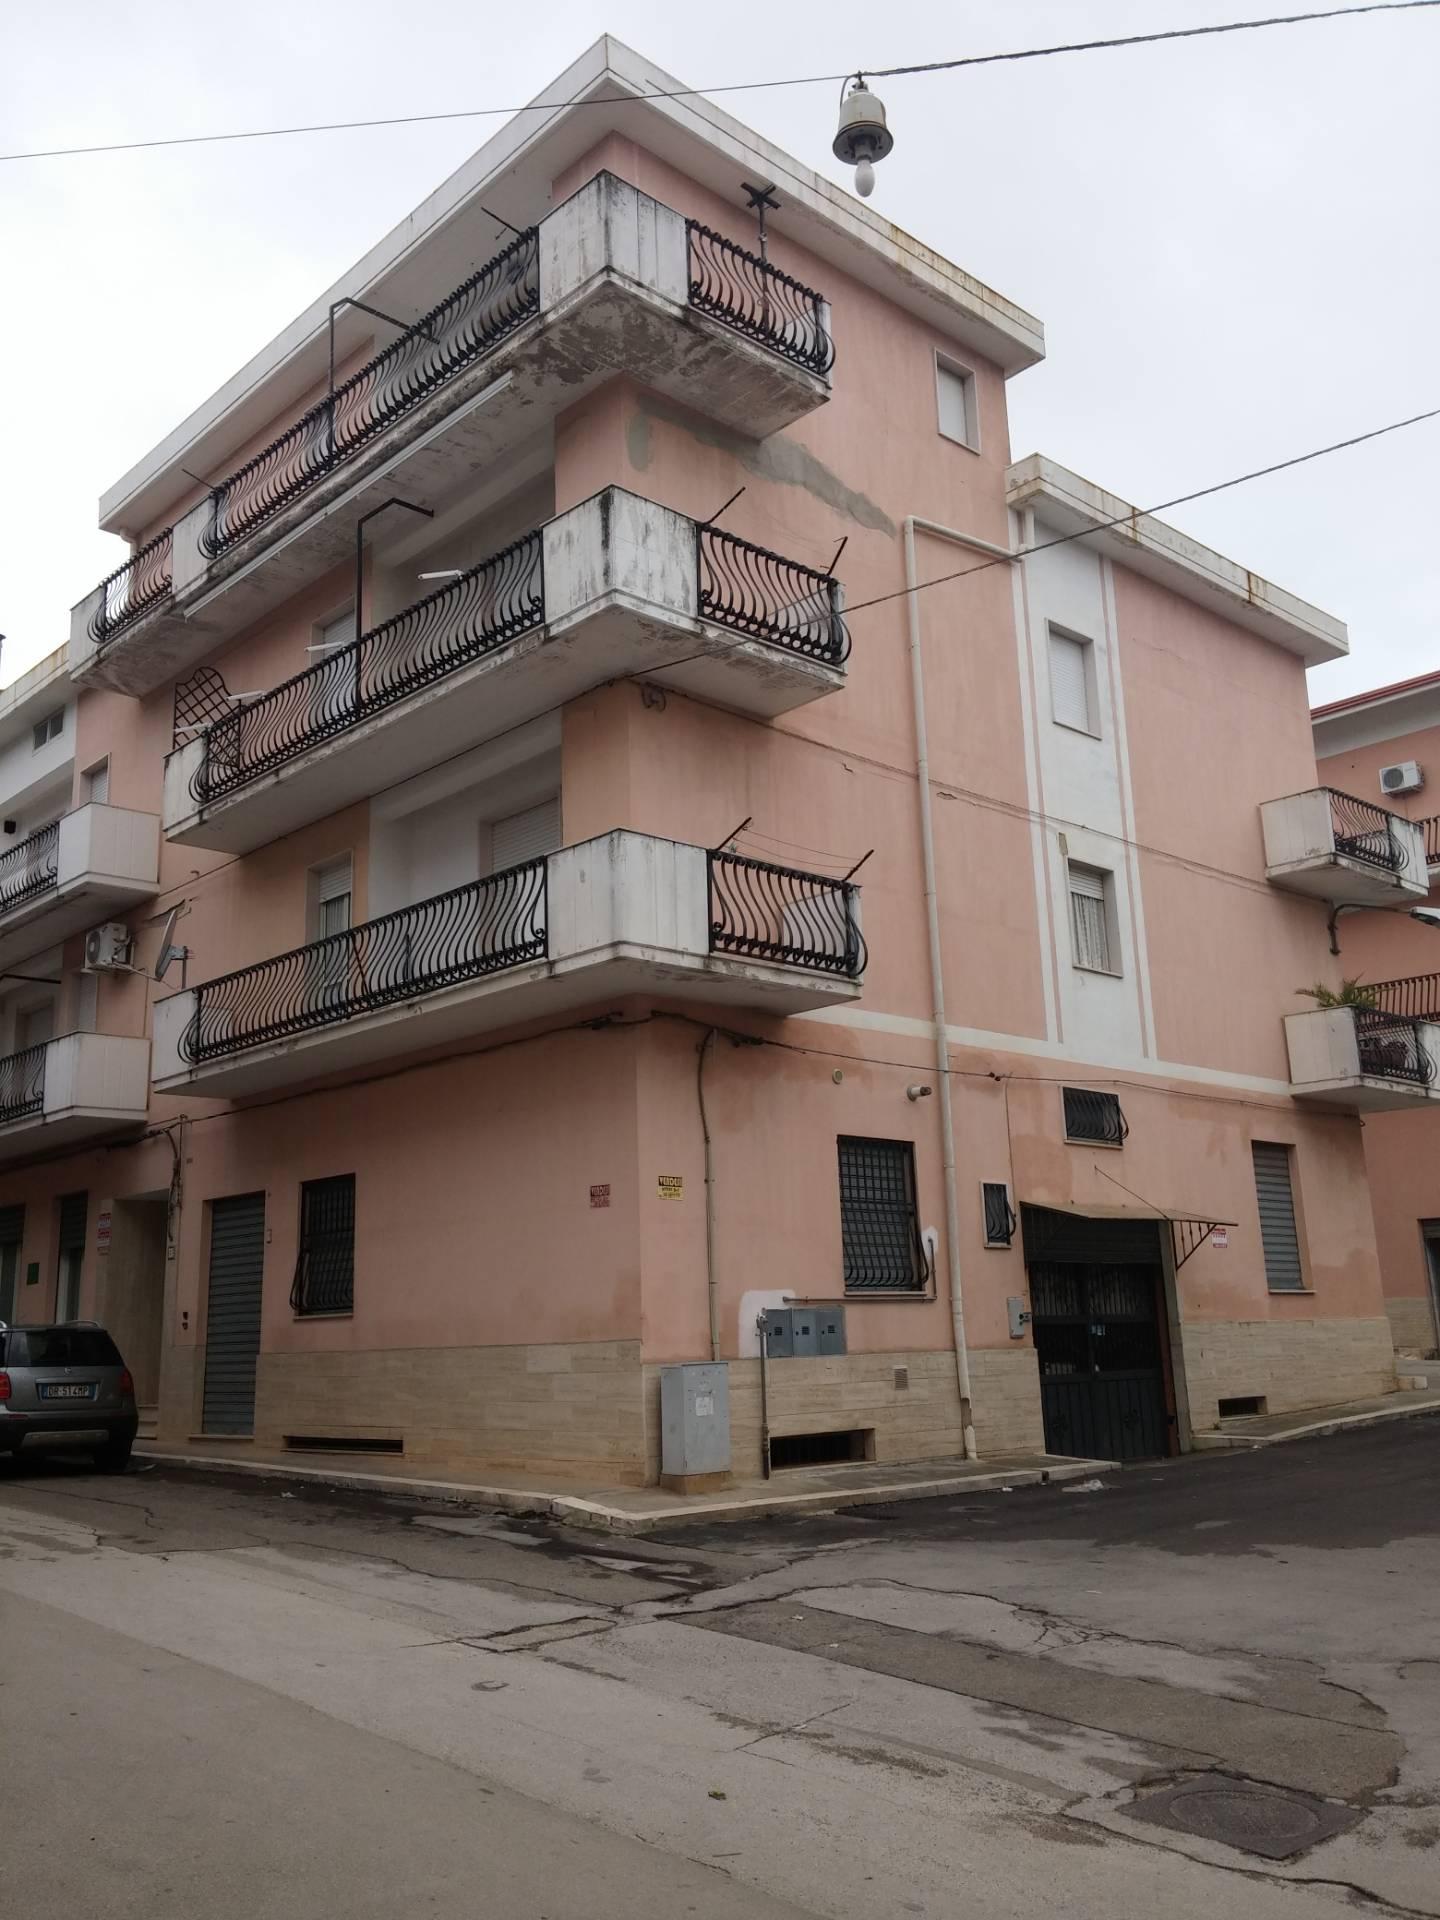 Attico / Mansarda in vendita a San Nicandro Garganico, 3 locali, zona Località: KENDAL, prezzo € 37.000   CambioCasa.it